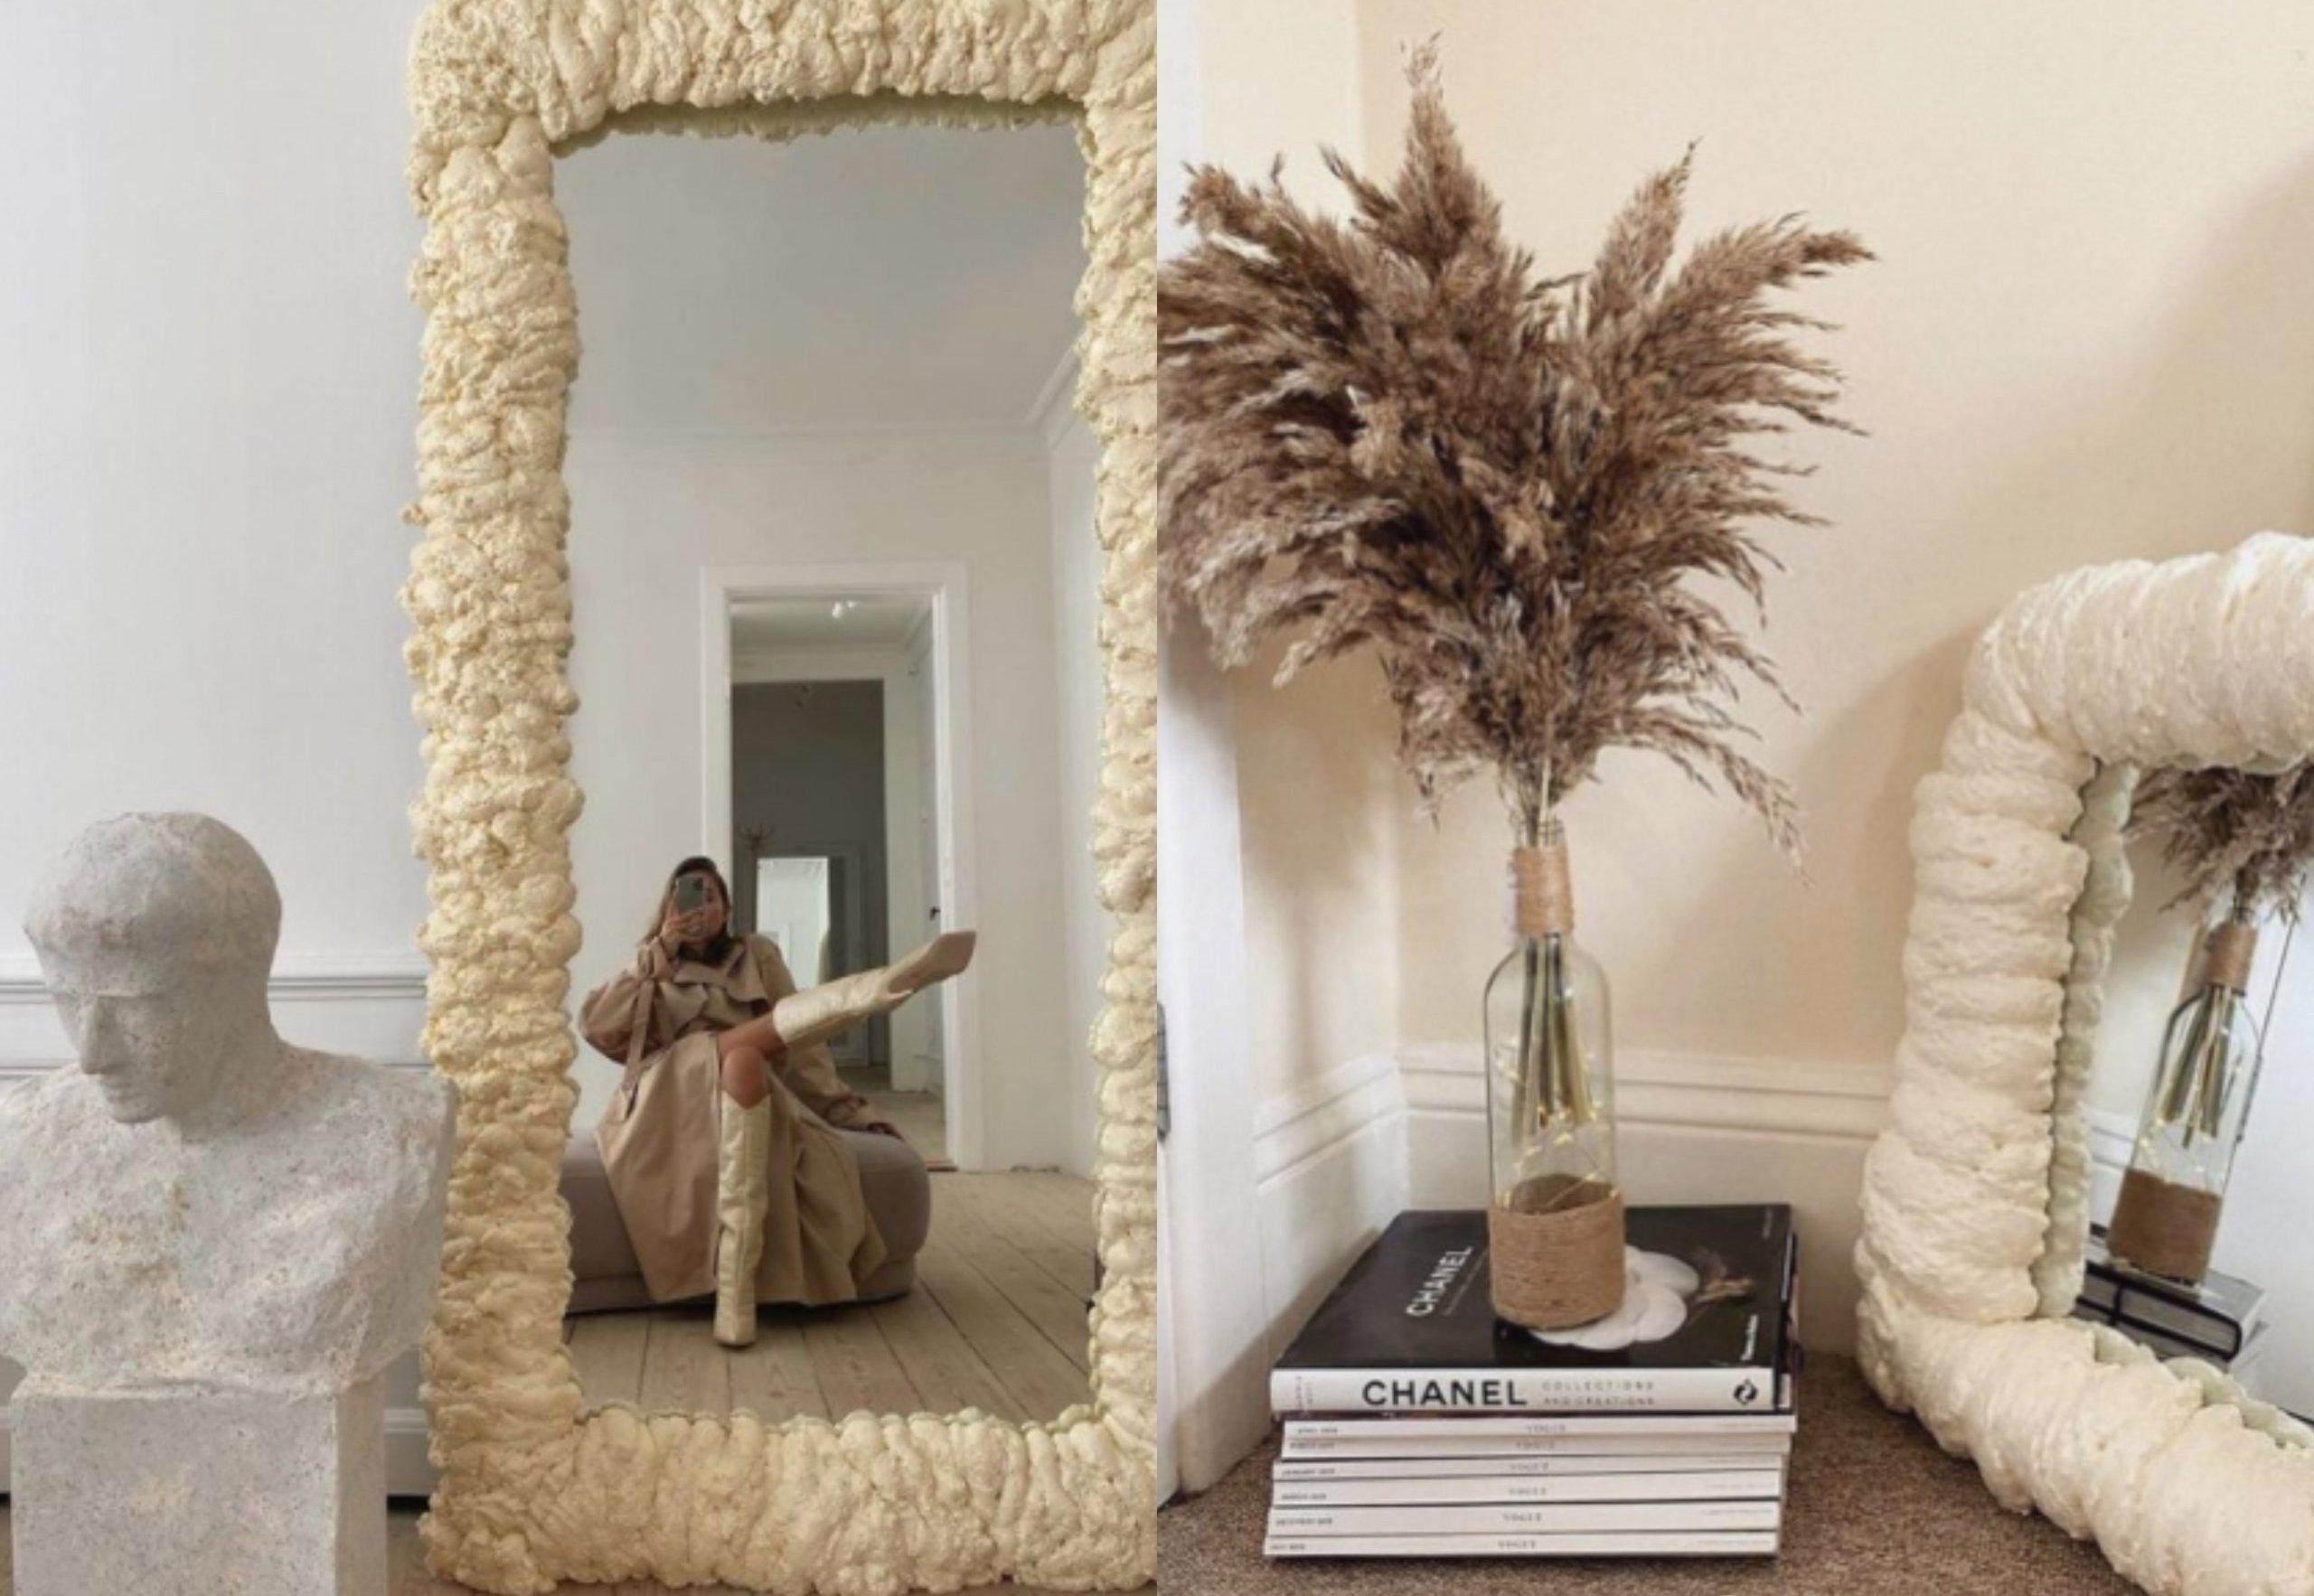 Evo kako možete izraditi zrcalo zbog kojeg ćete se osjećati kao u oblacima